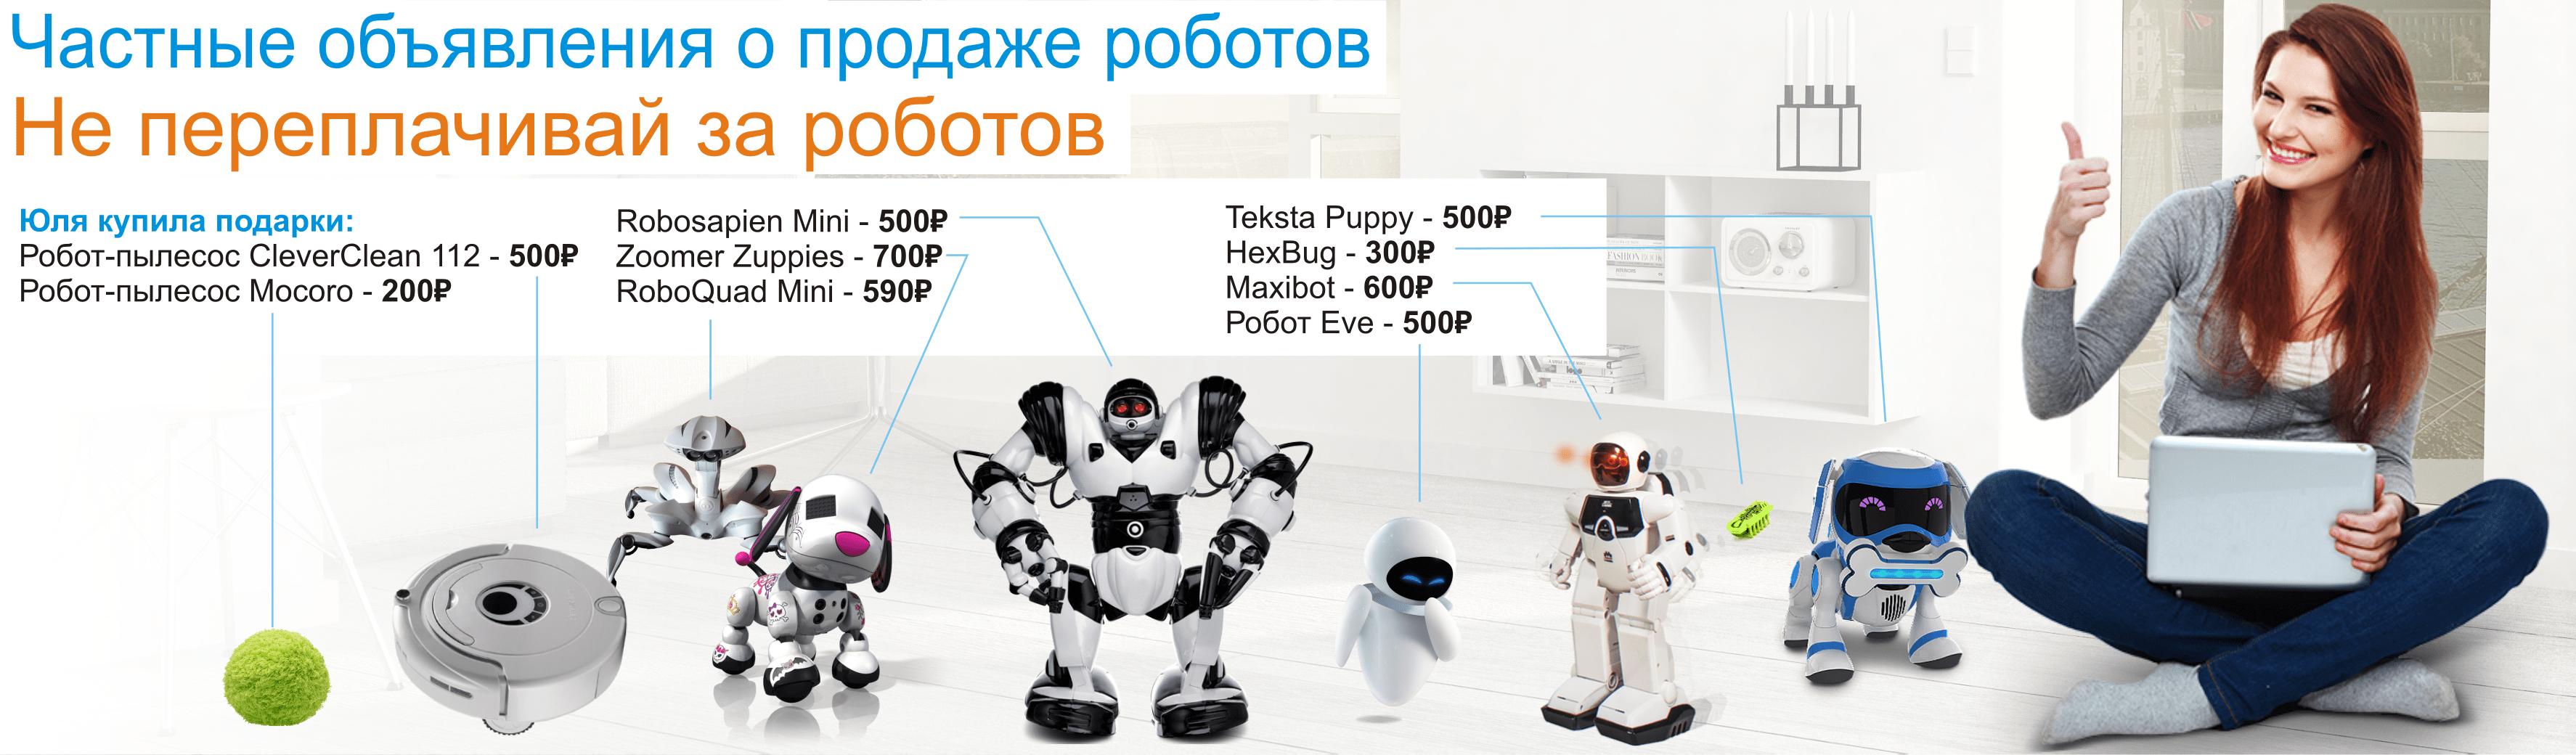 Roboter.ru